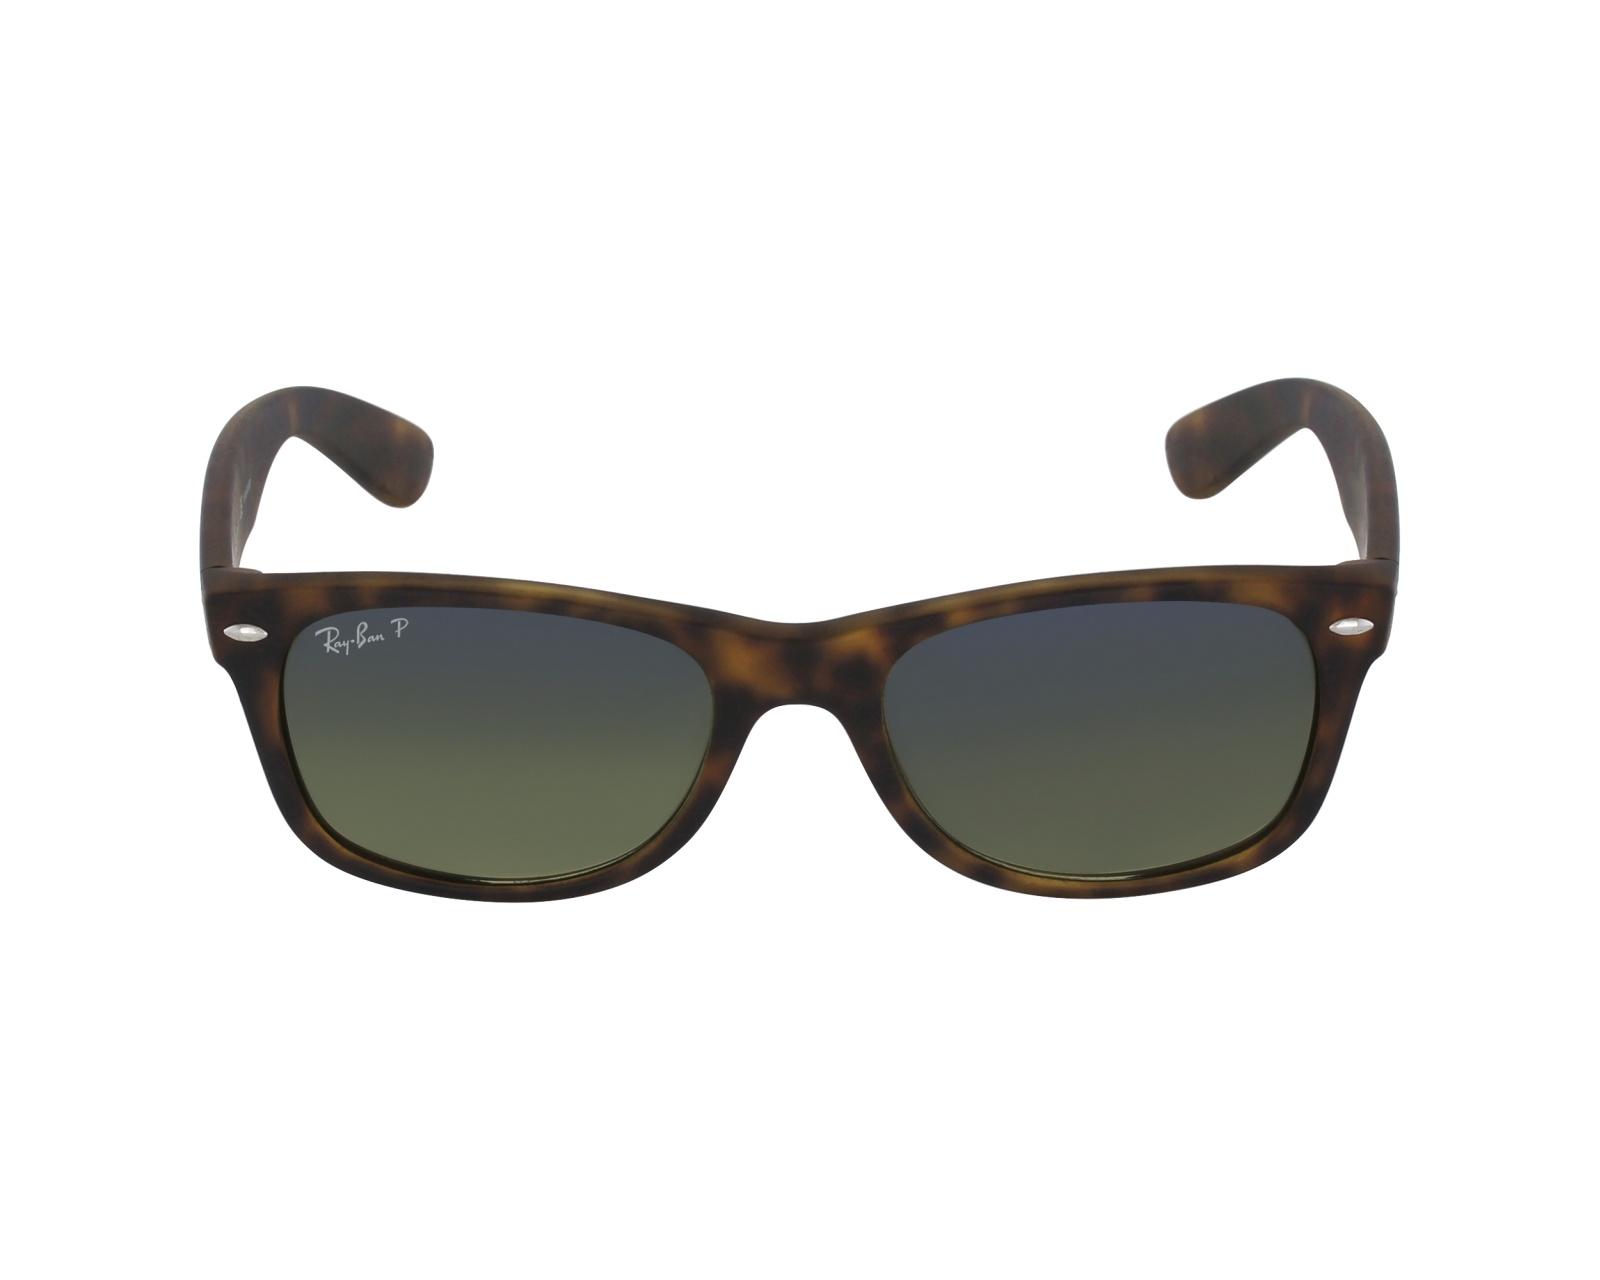 52fd9df49a Polarizadas. Gafas de sol Ray-Ban RB-2132 894/76 52-18 Havana